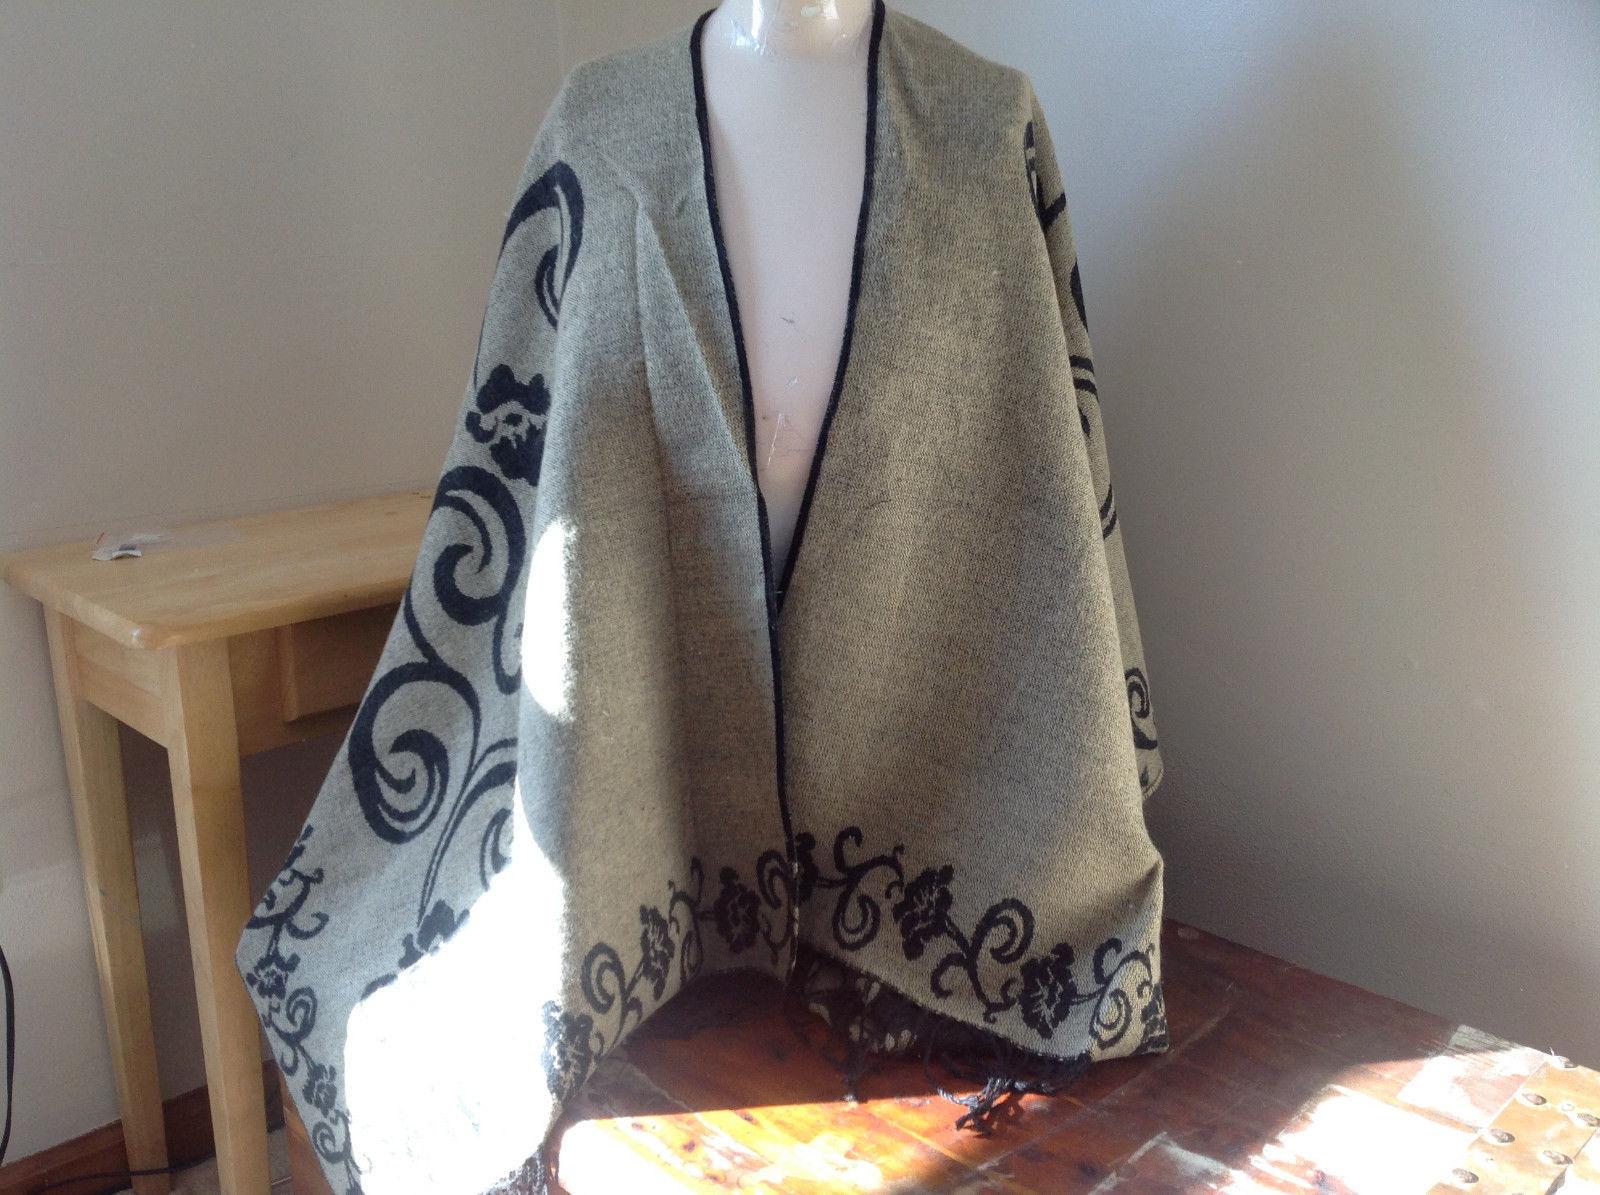 Black and Tan Floral Design Tasseled Shawl Warm Ruana